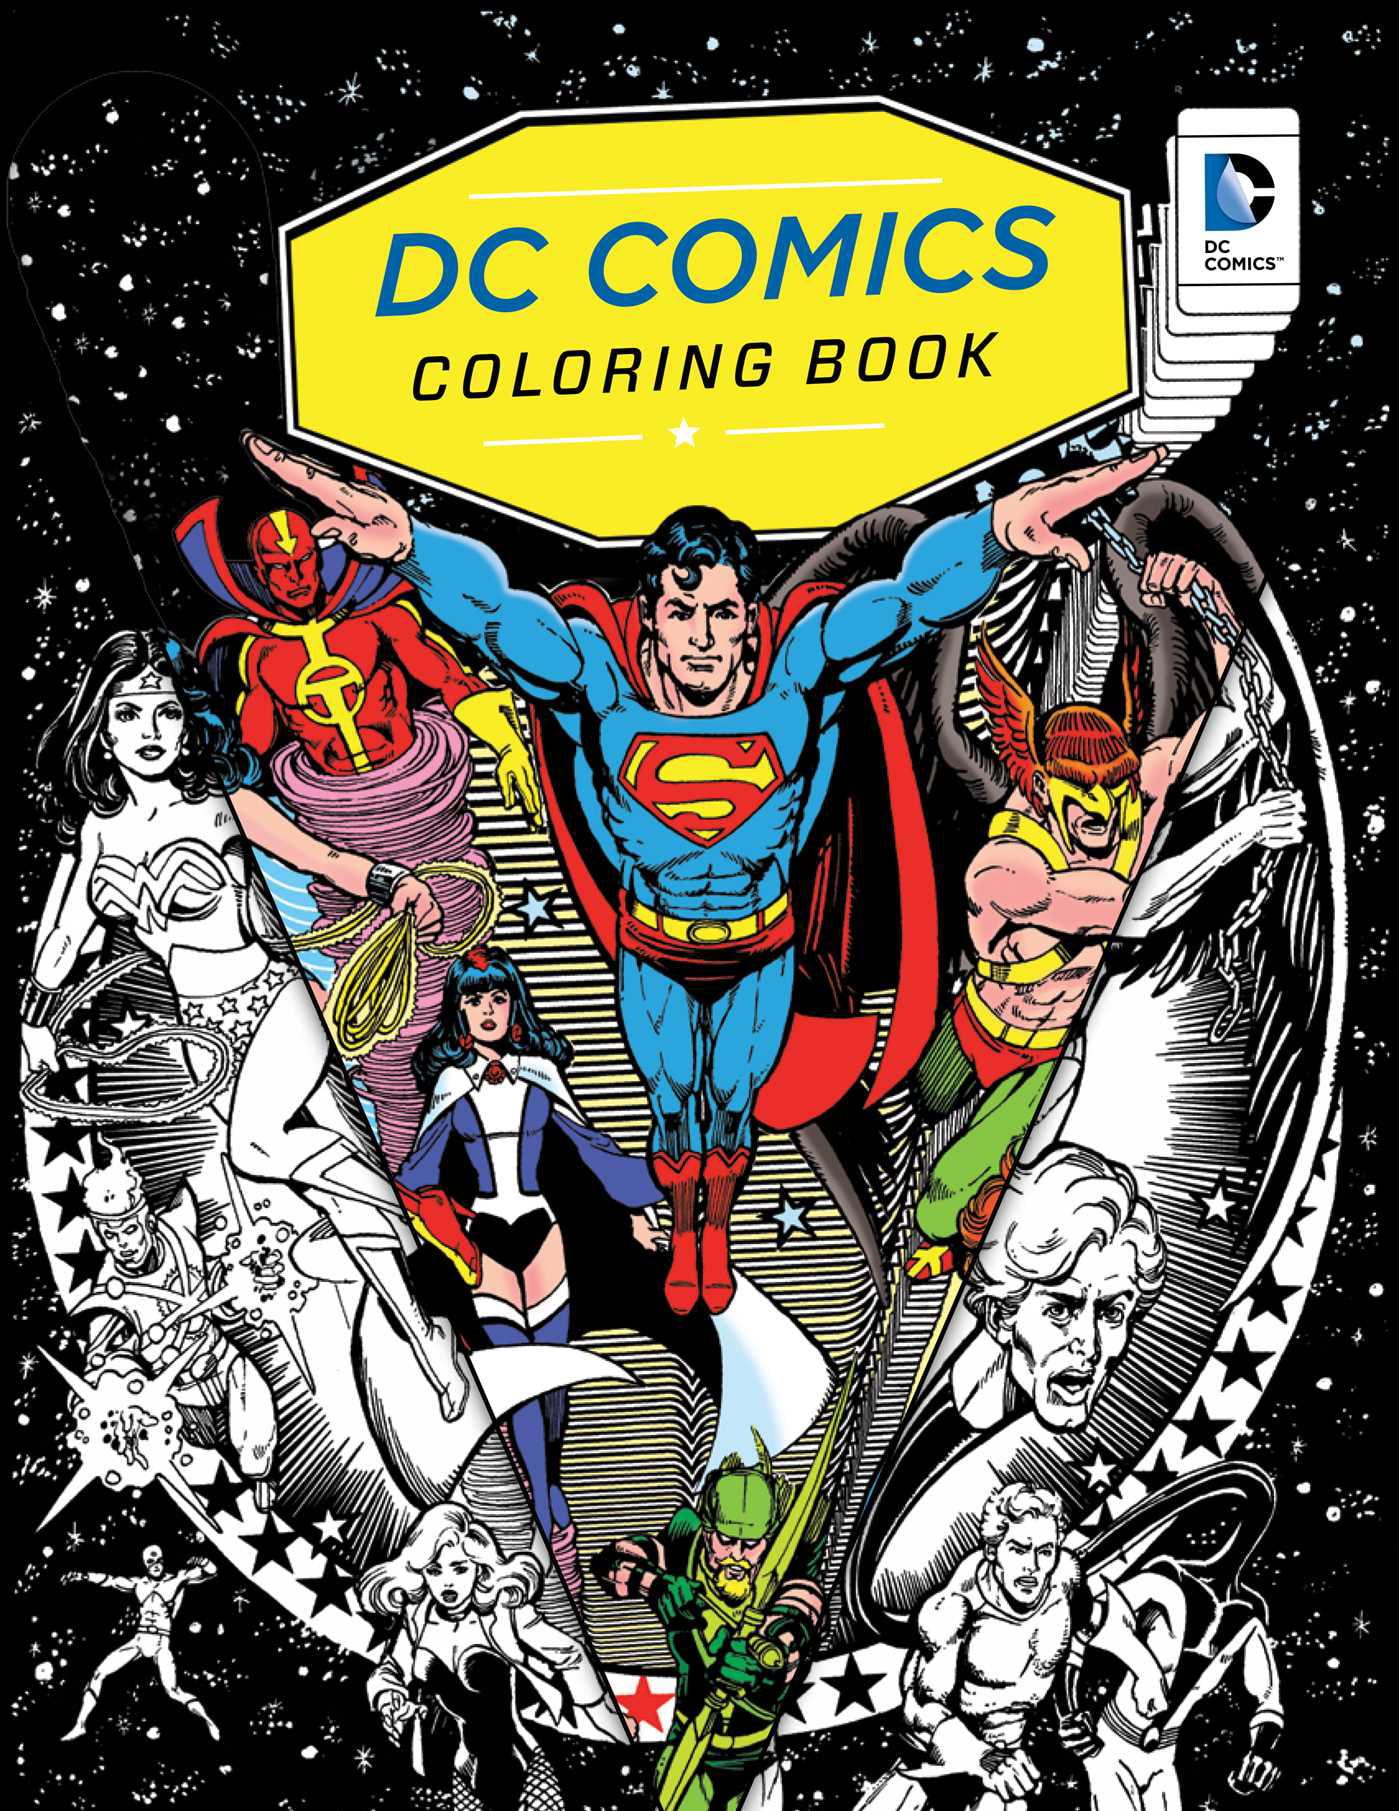 DC Comics Coloring Book - Walmart.com